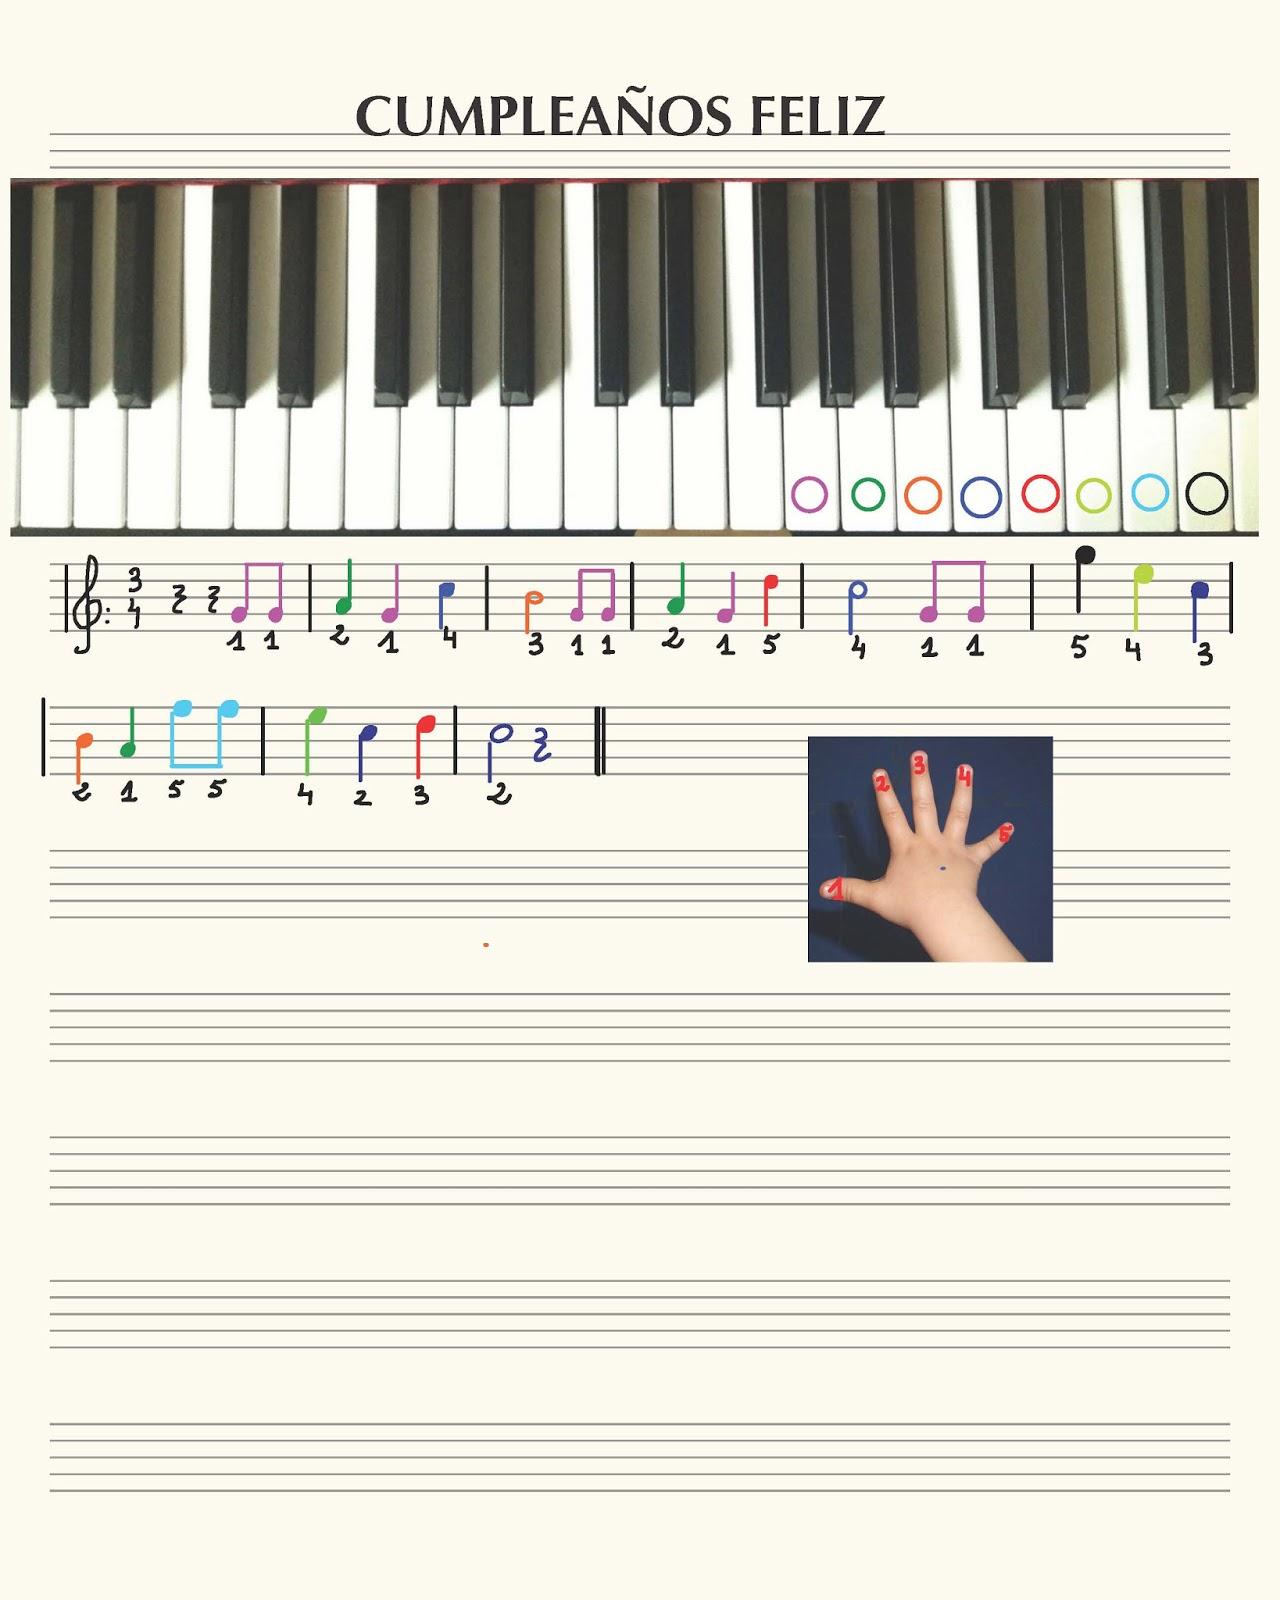 La clase de m sica cumplea os feliz partitura de colores - Cumpleanos feliz piano ...